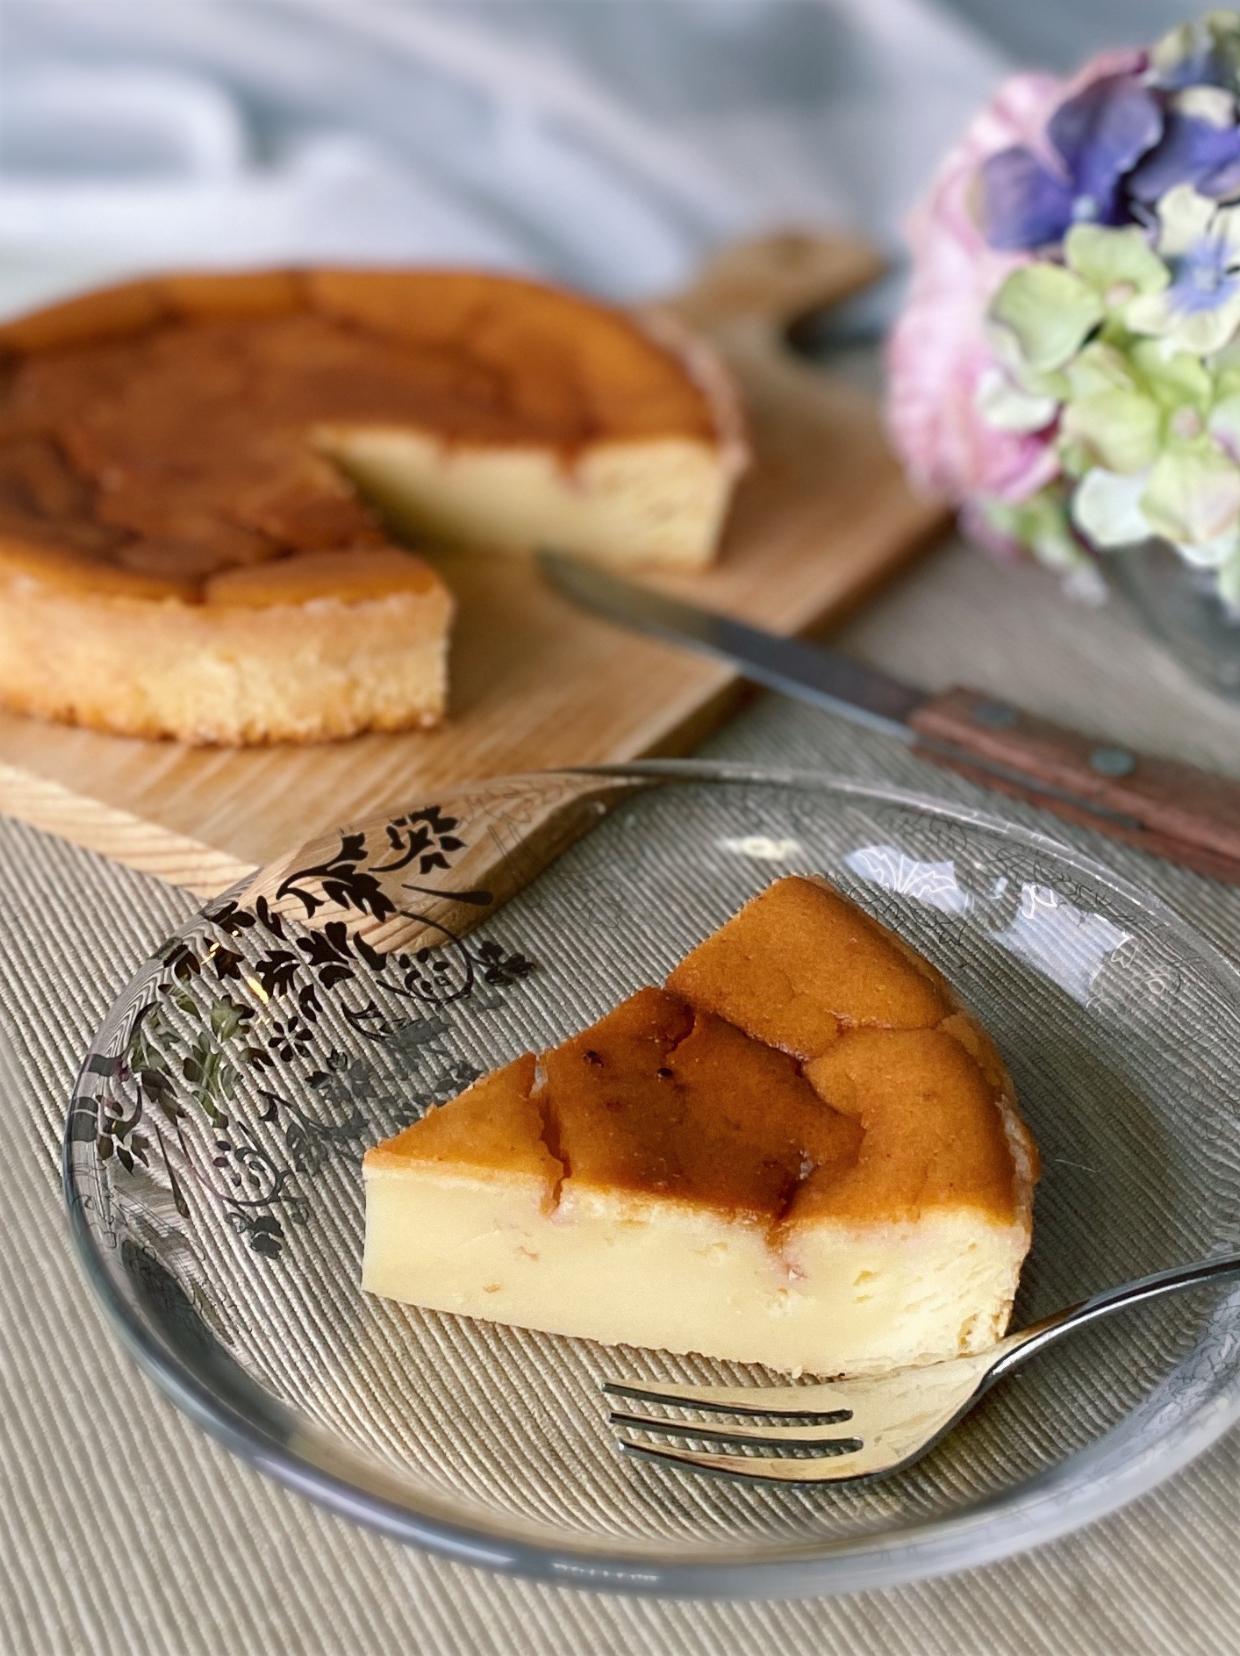 ホット ケーキ ミックス アレンジ